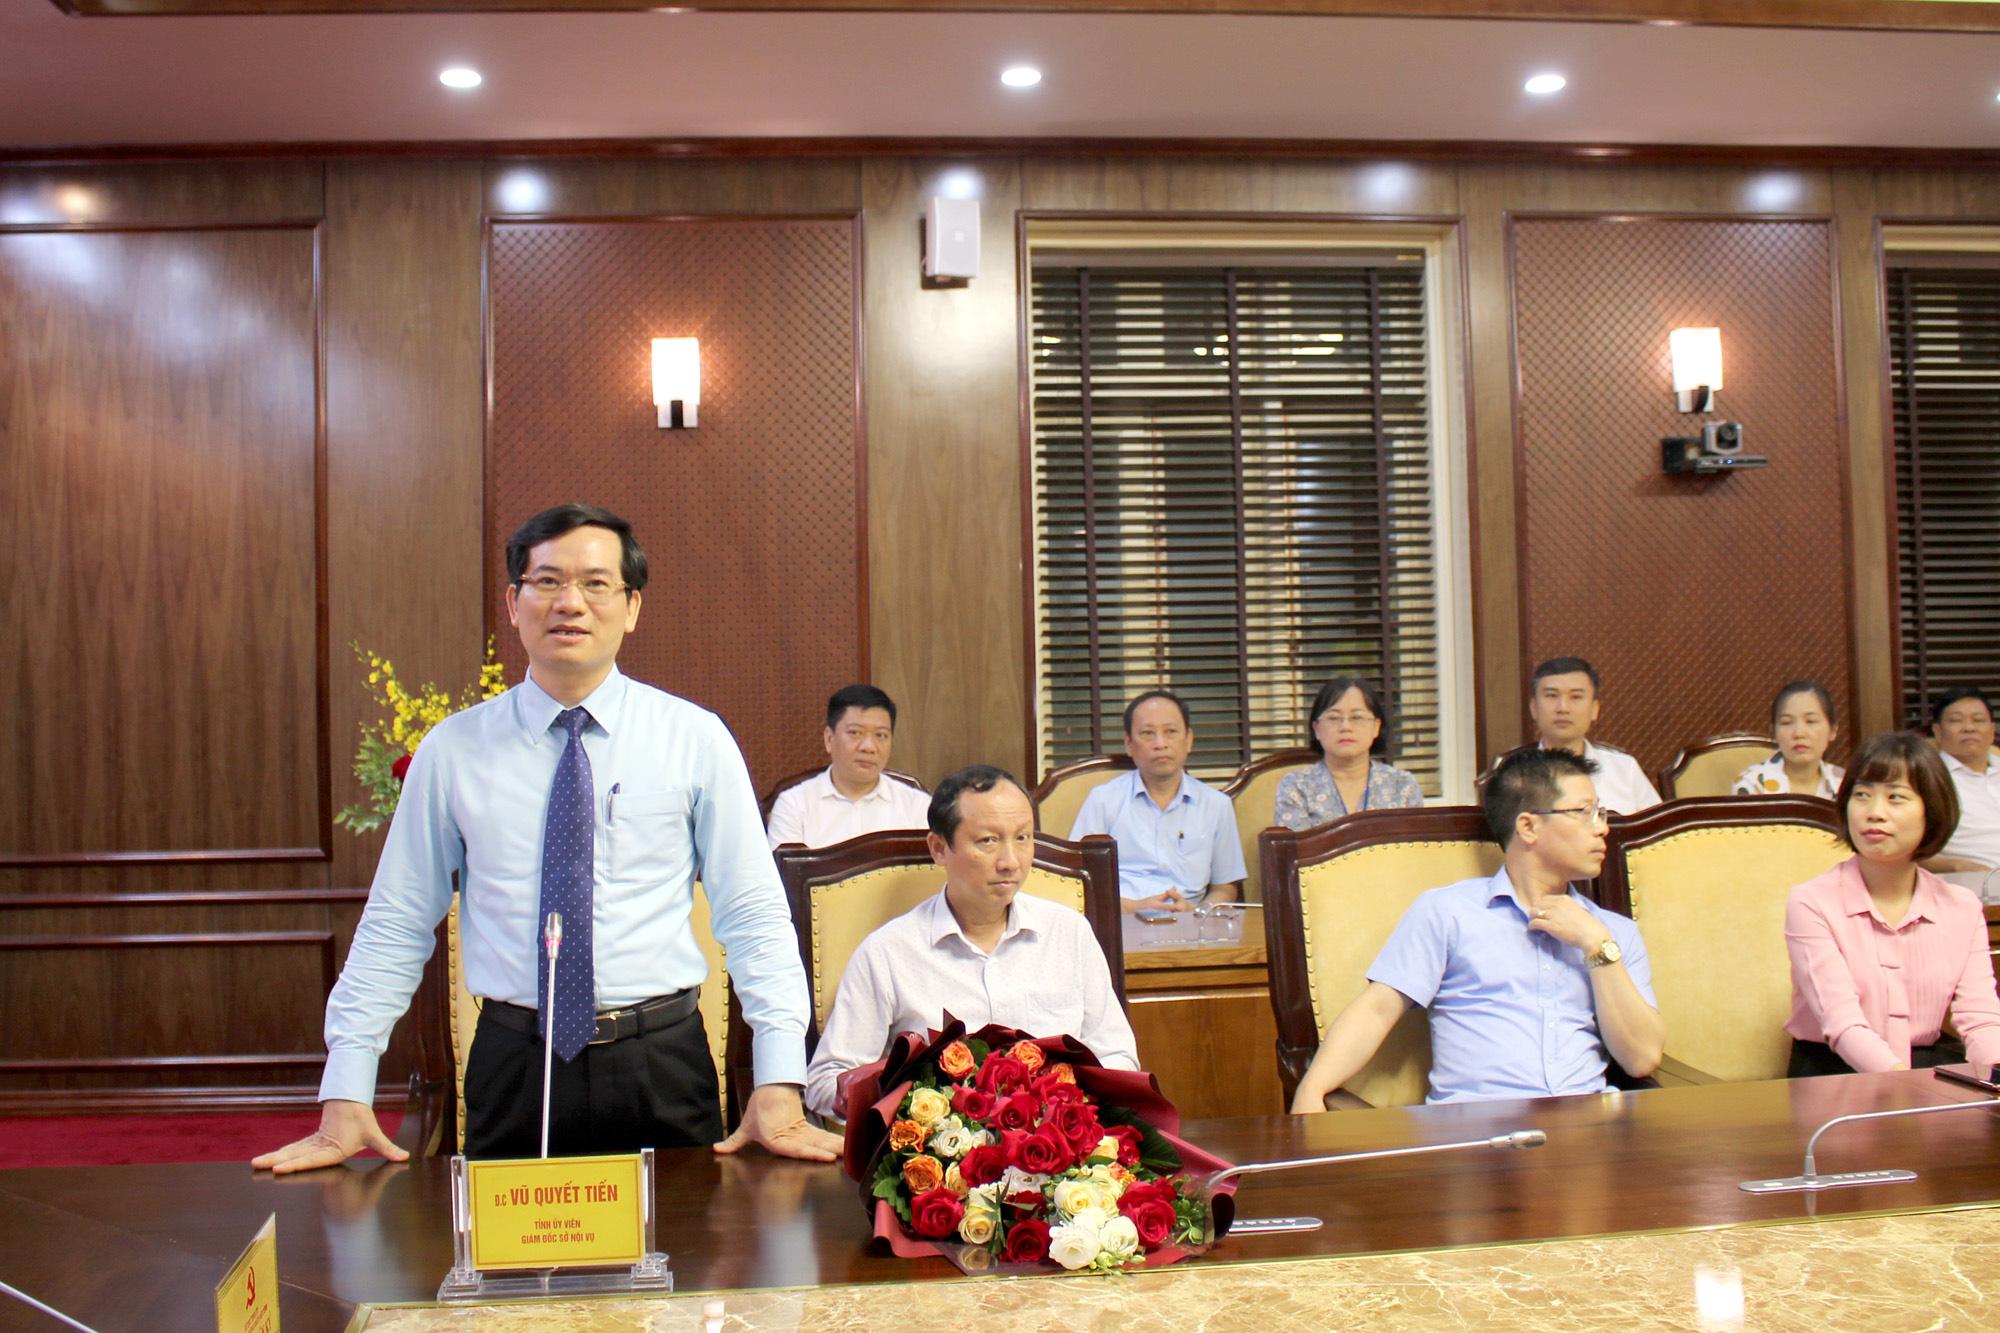 Quảng Ninh: Trưởng Ban Tổ chức Tỉnh ủy đồng thời là Giám đốc Sở Nội vụ - Ảnh 2.